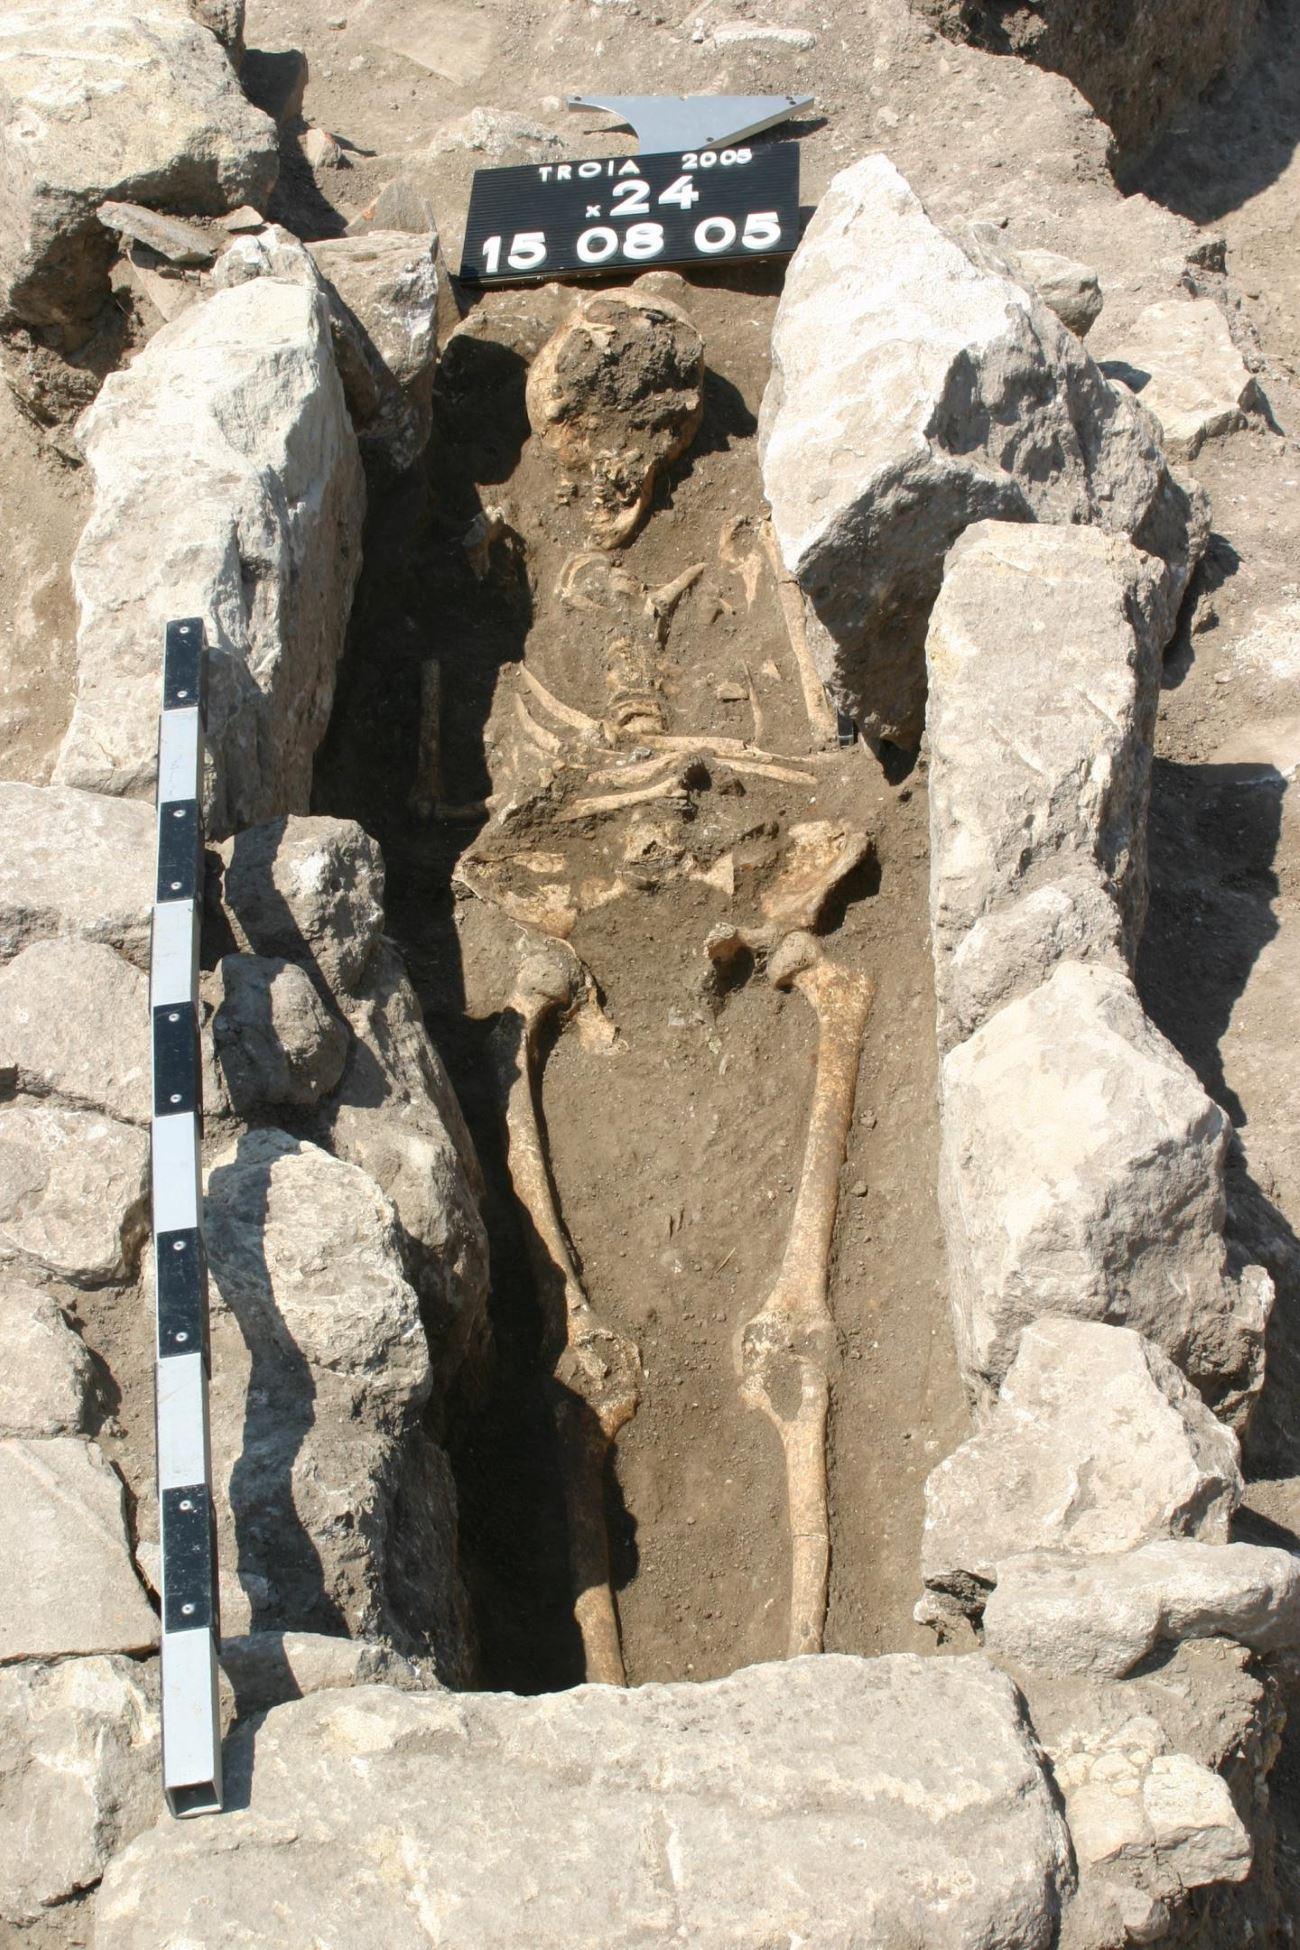 древний скелет рассказал о геноме опасной бактерии